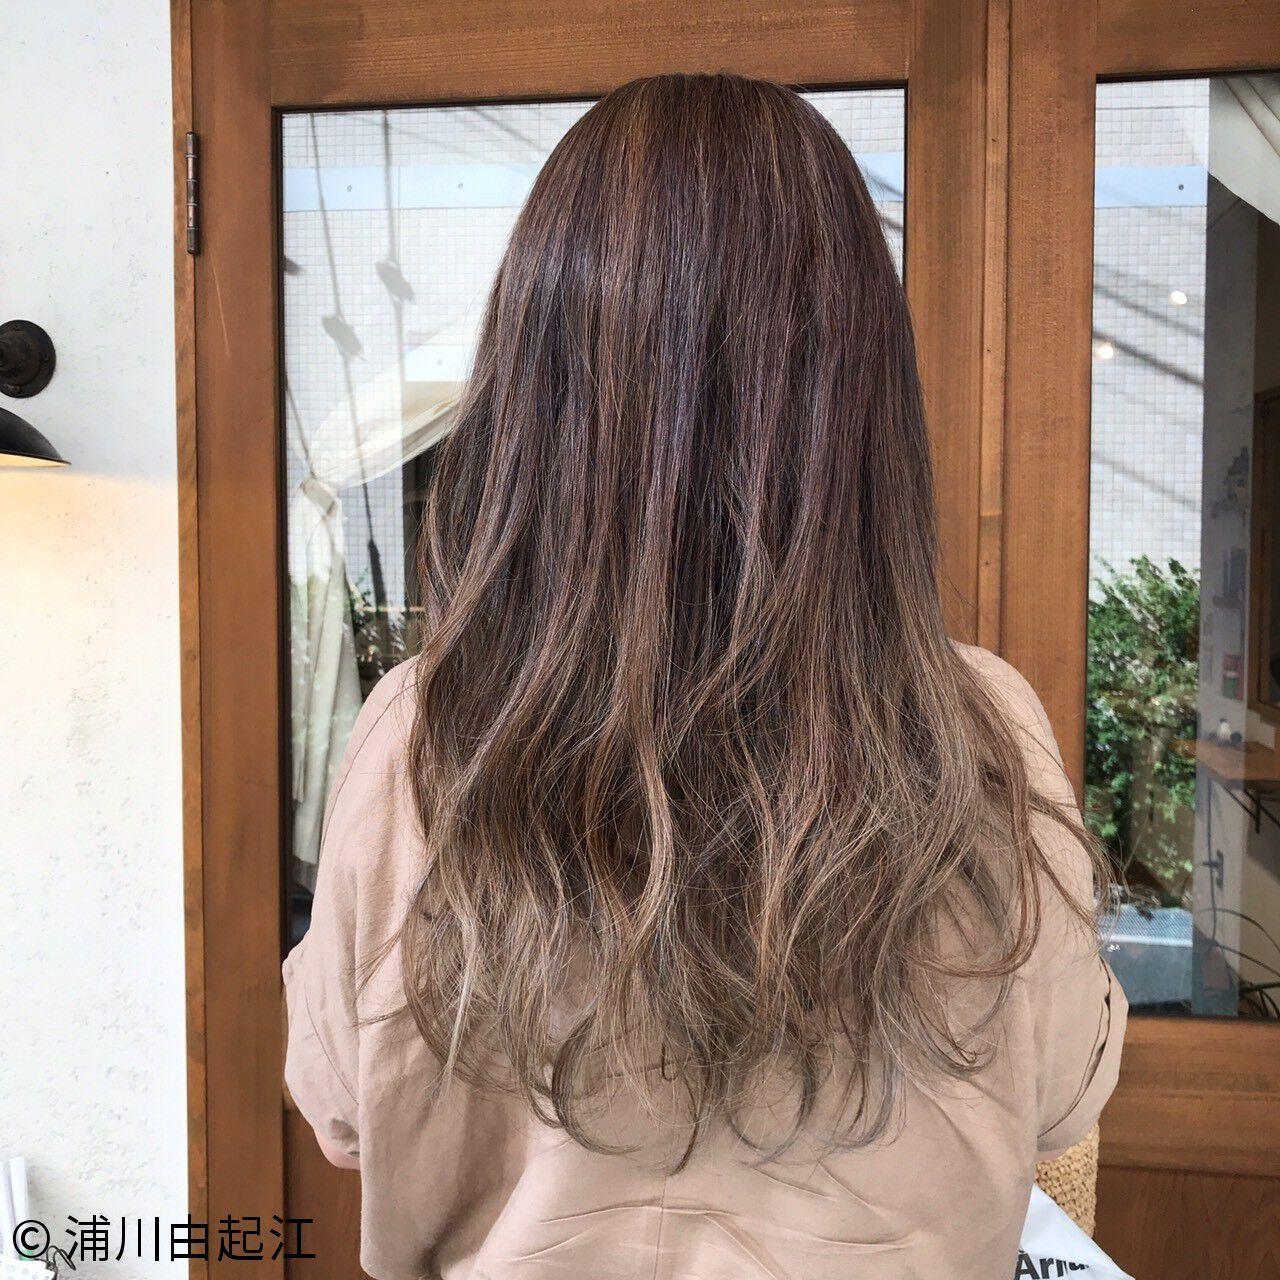 グラデーションカラー ロング デート ハイライトヘアスタイルや髪型の写真・画像